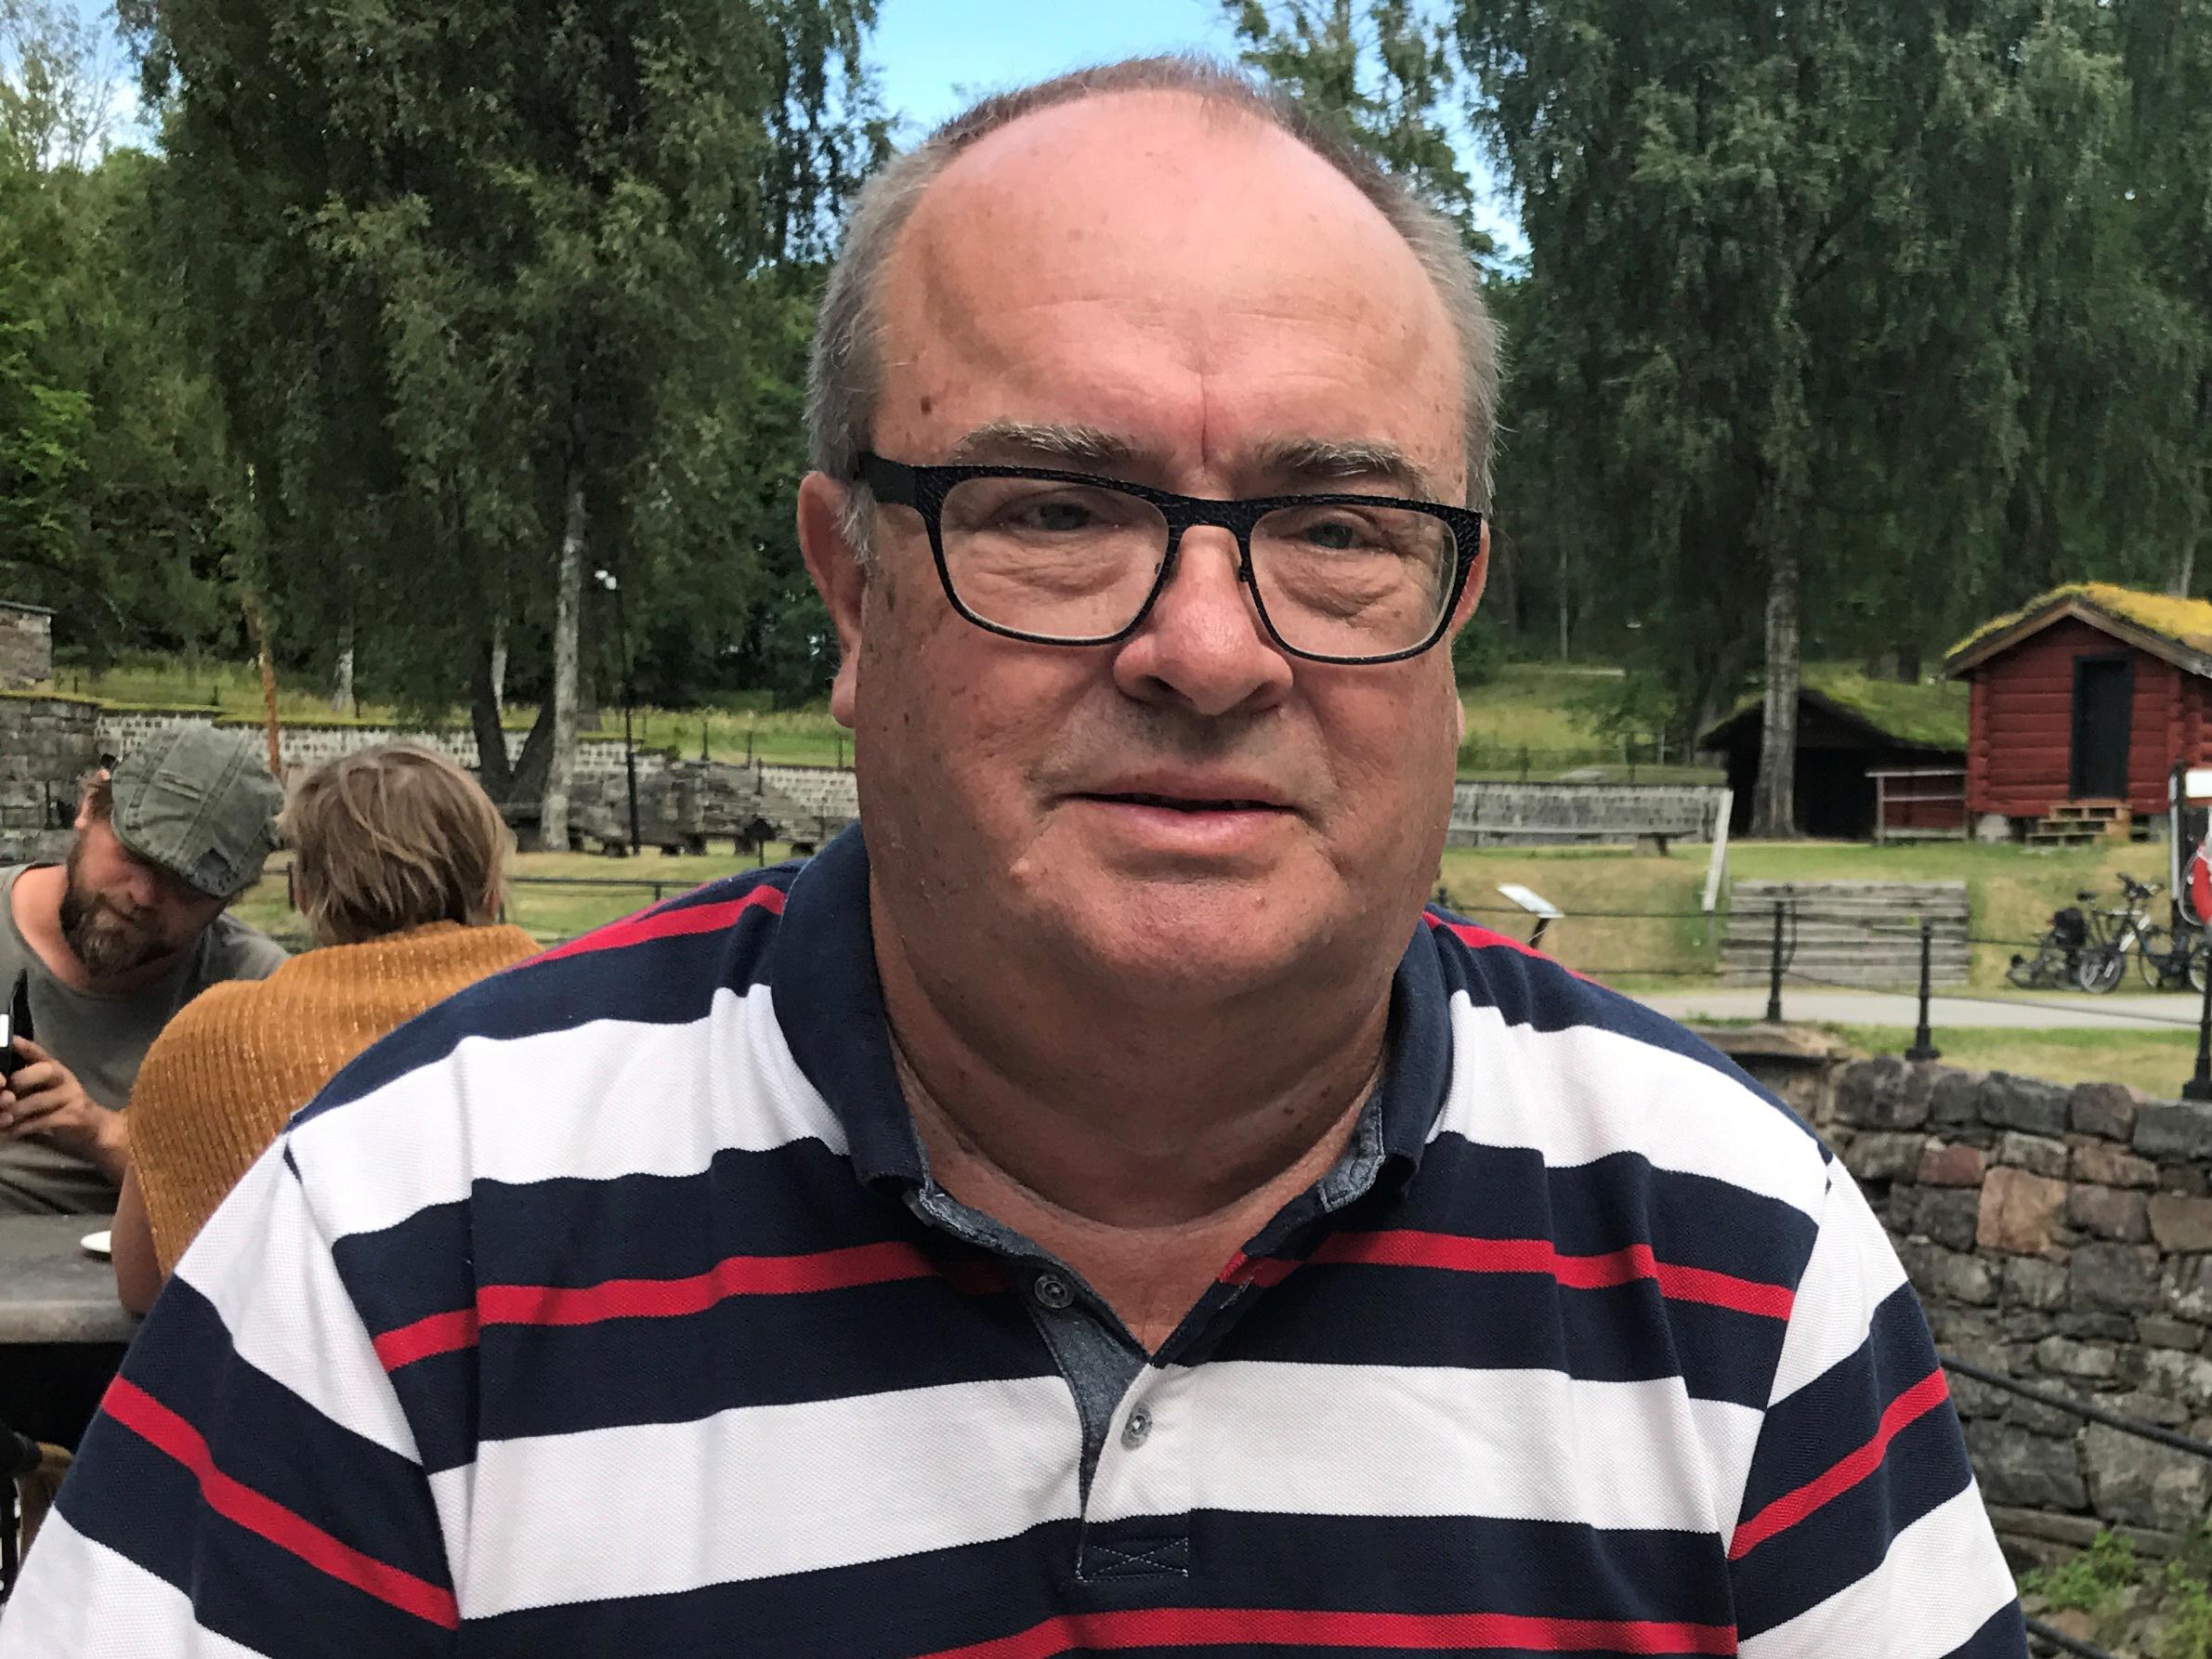 KENNETH JAKOBSSON